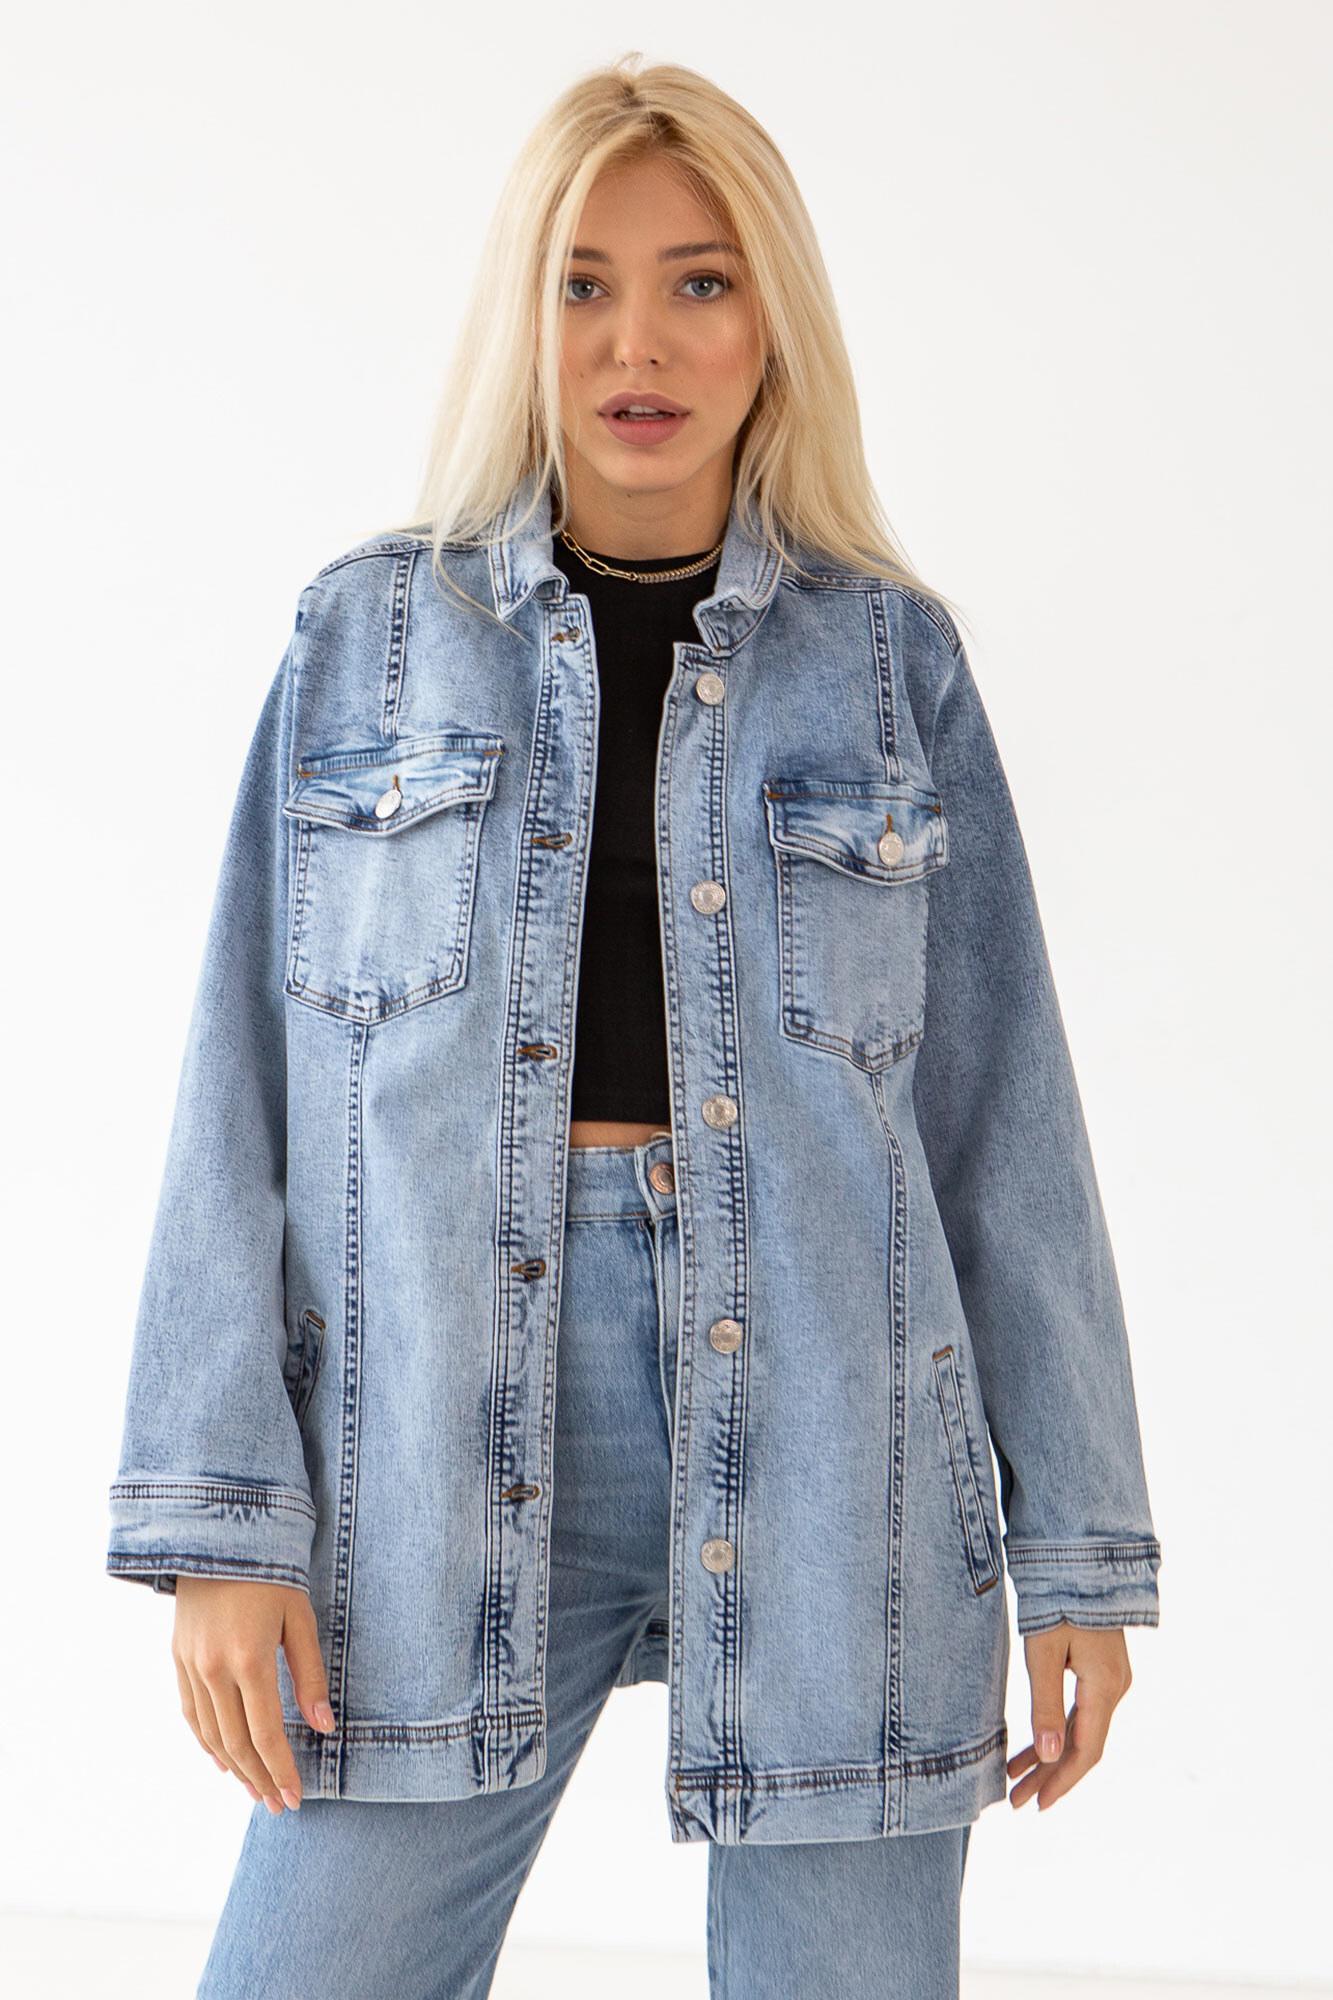 Удлиненная джинсовая куртка варенка синяя